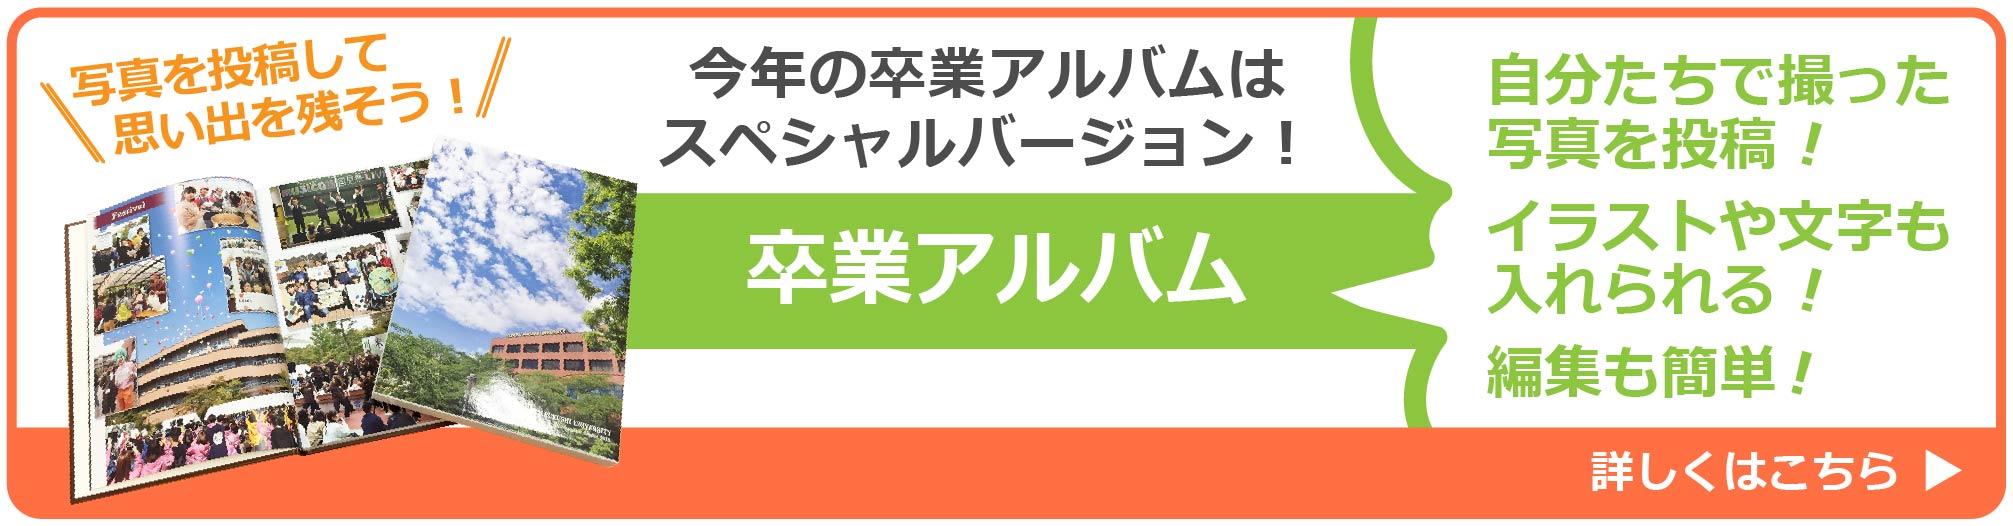 卒業記念アルバム